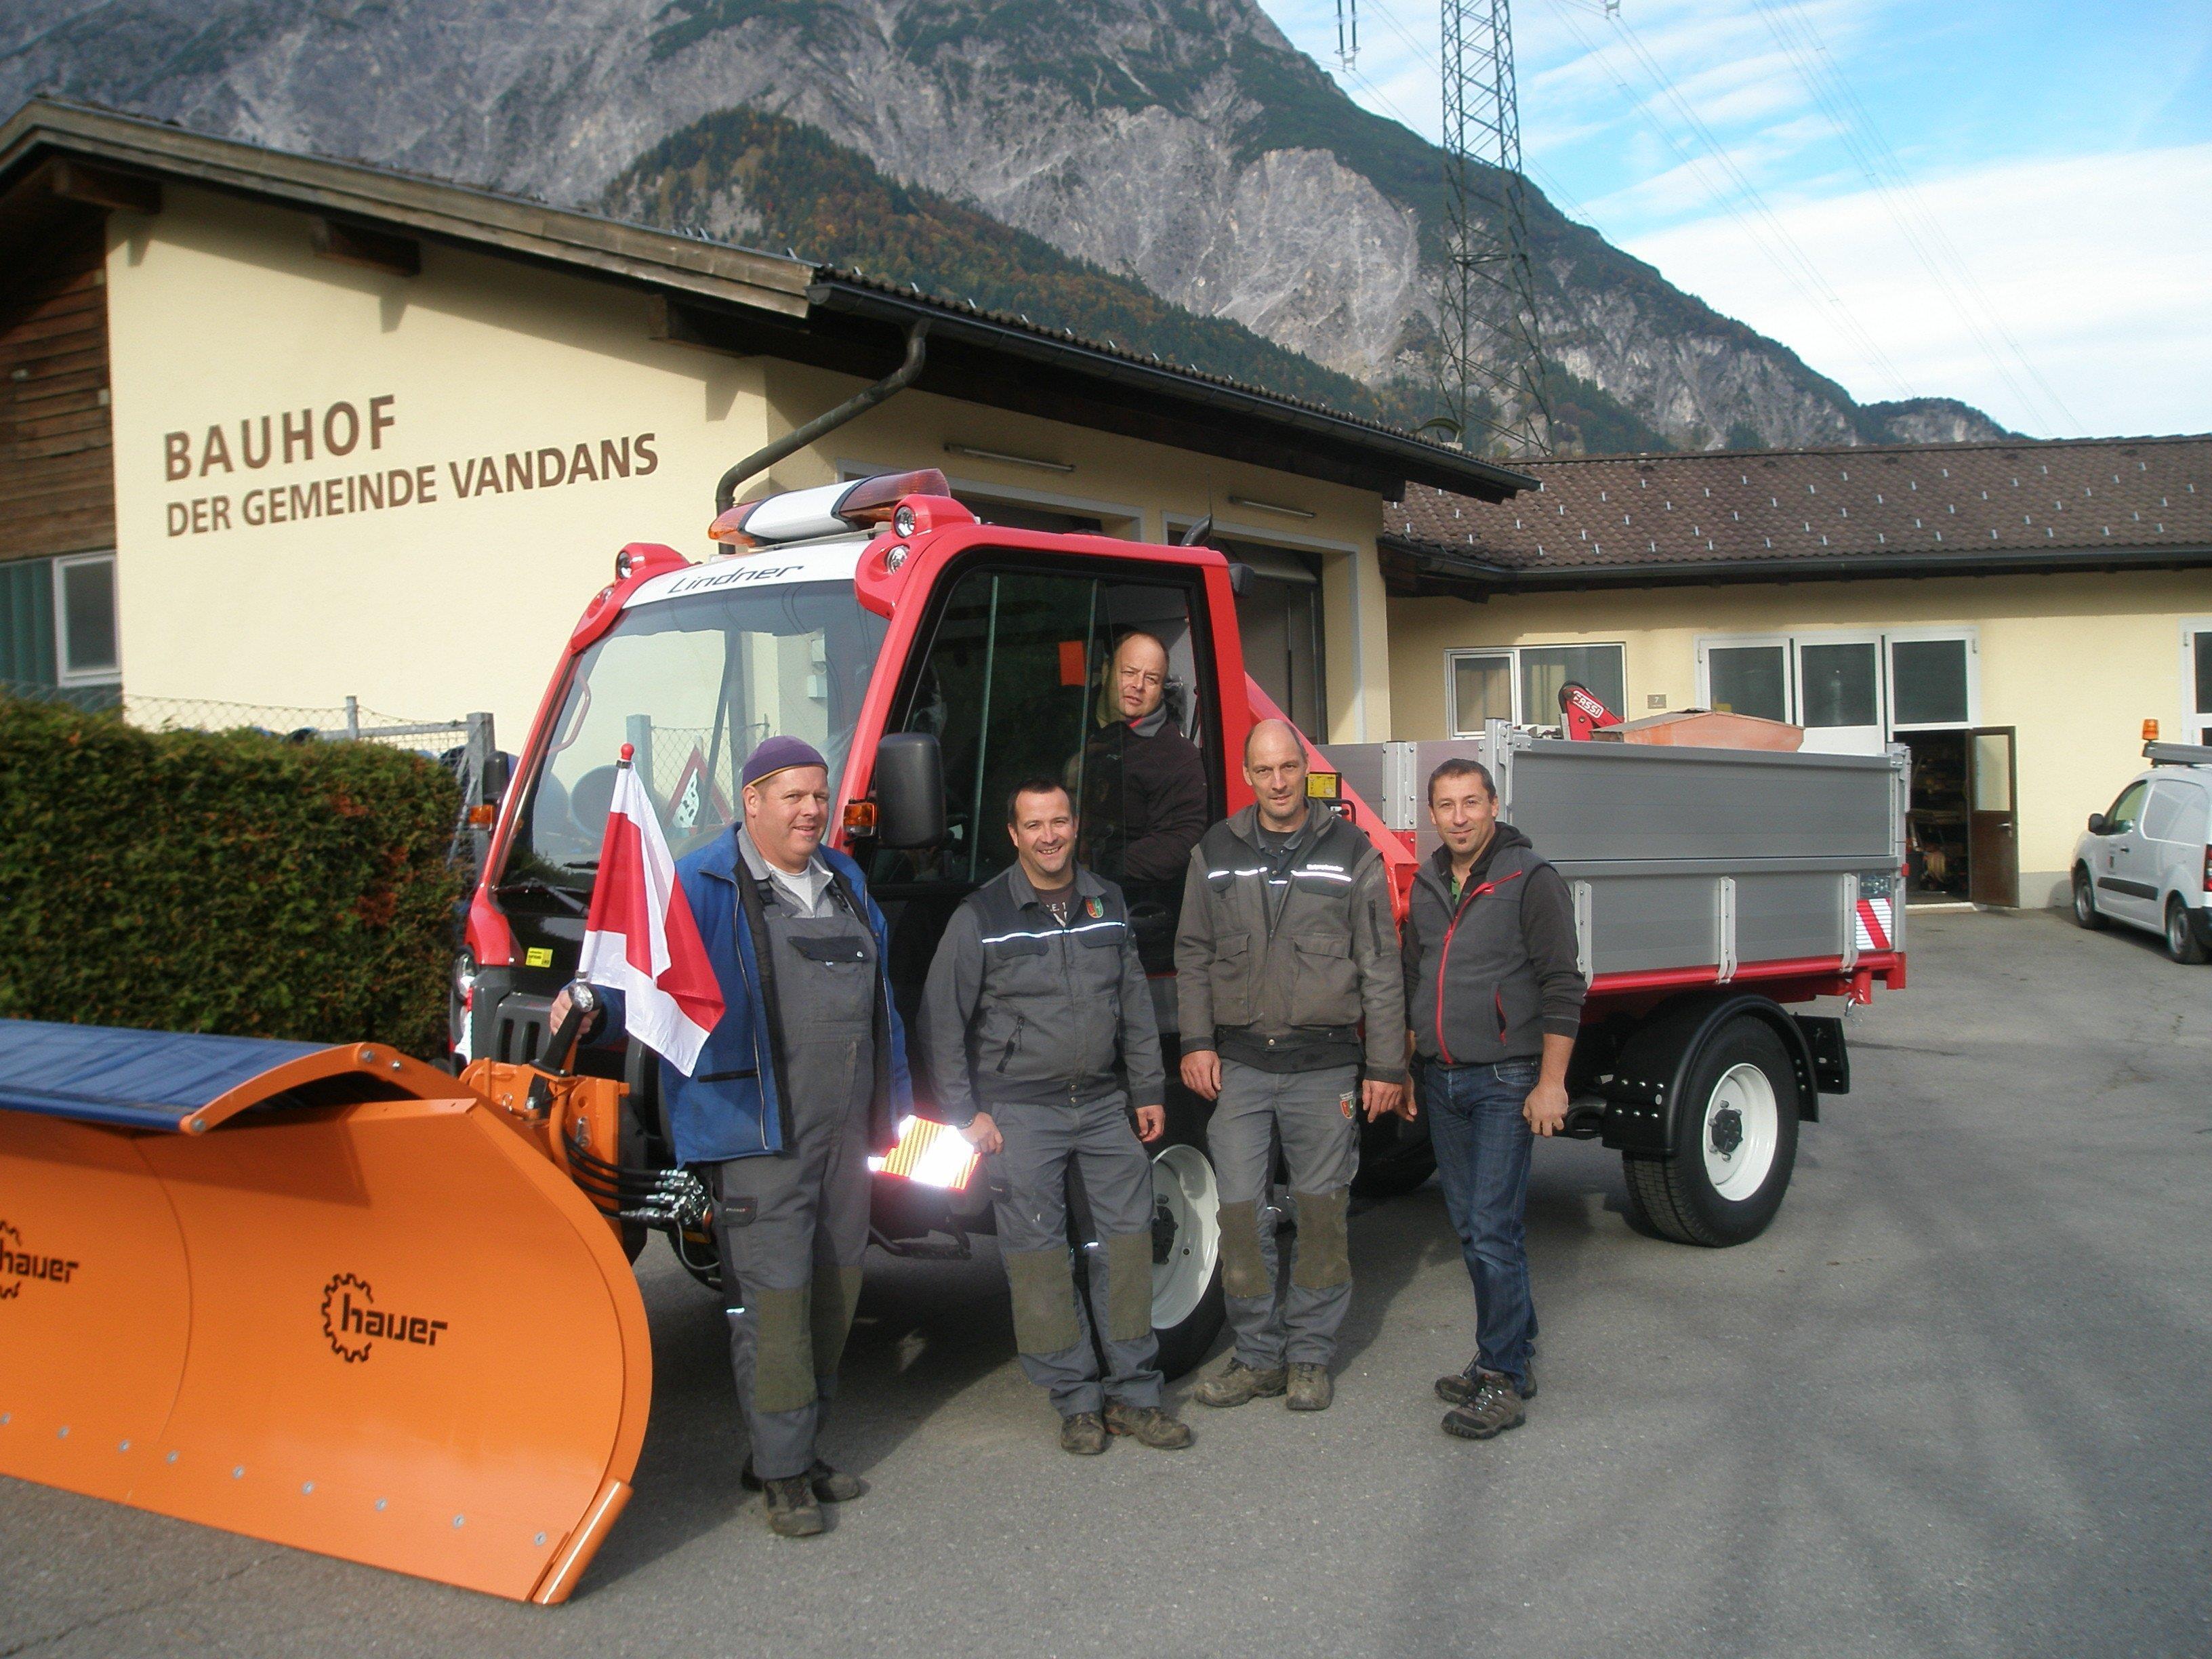 Große Freude herrscht bei den Bauhofmitarbeitern über das neue Dienstfahrzeug.